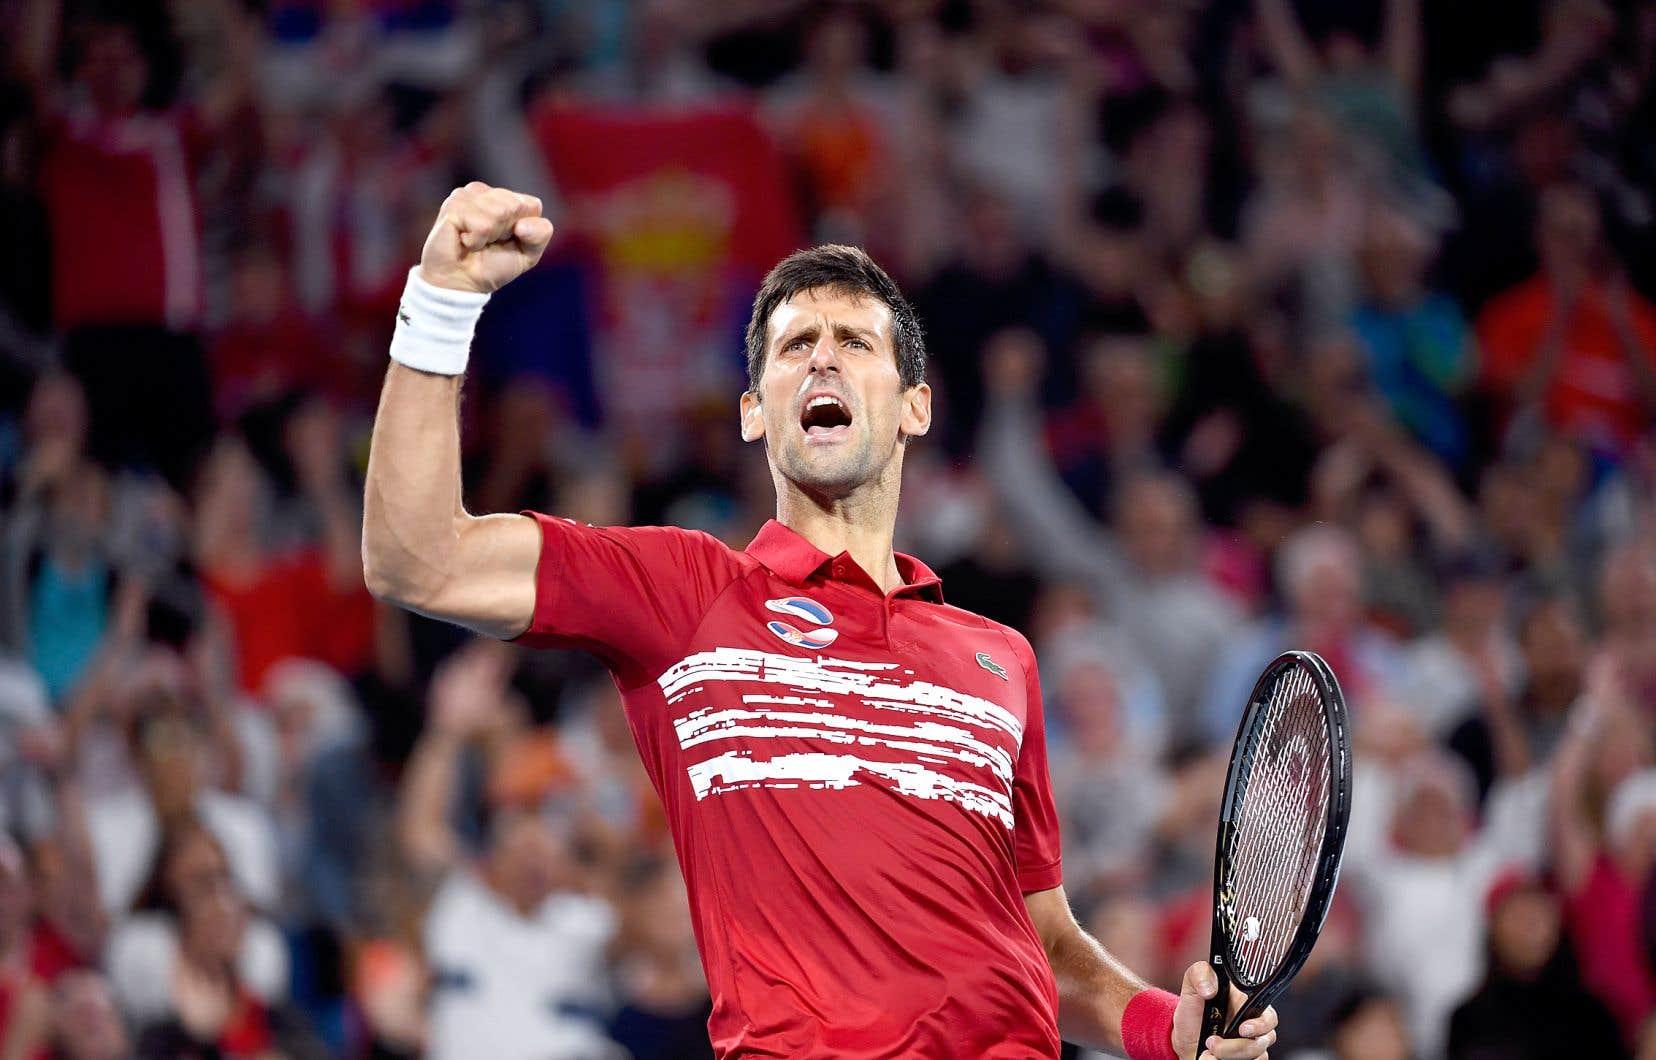 Novak Djokovic a défait Rafael Nadal 6-2, 7-6 lors d'un match de finales de la Coupe ATP dimanche en Australie.